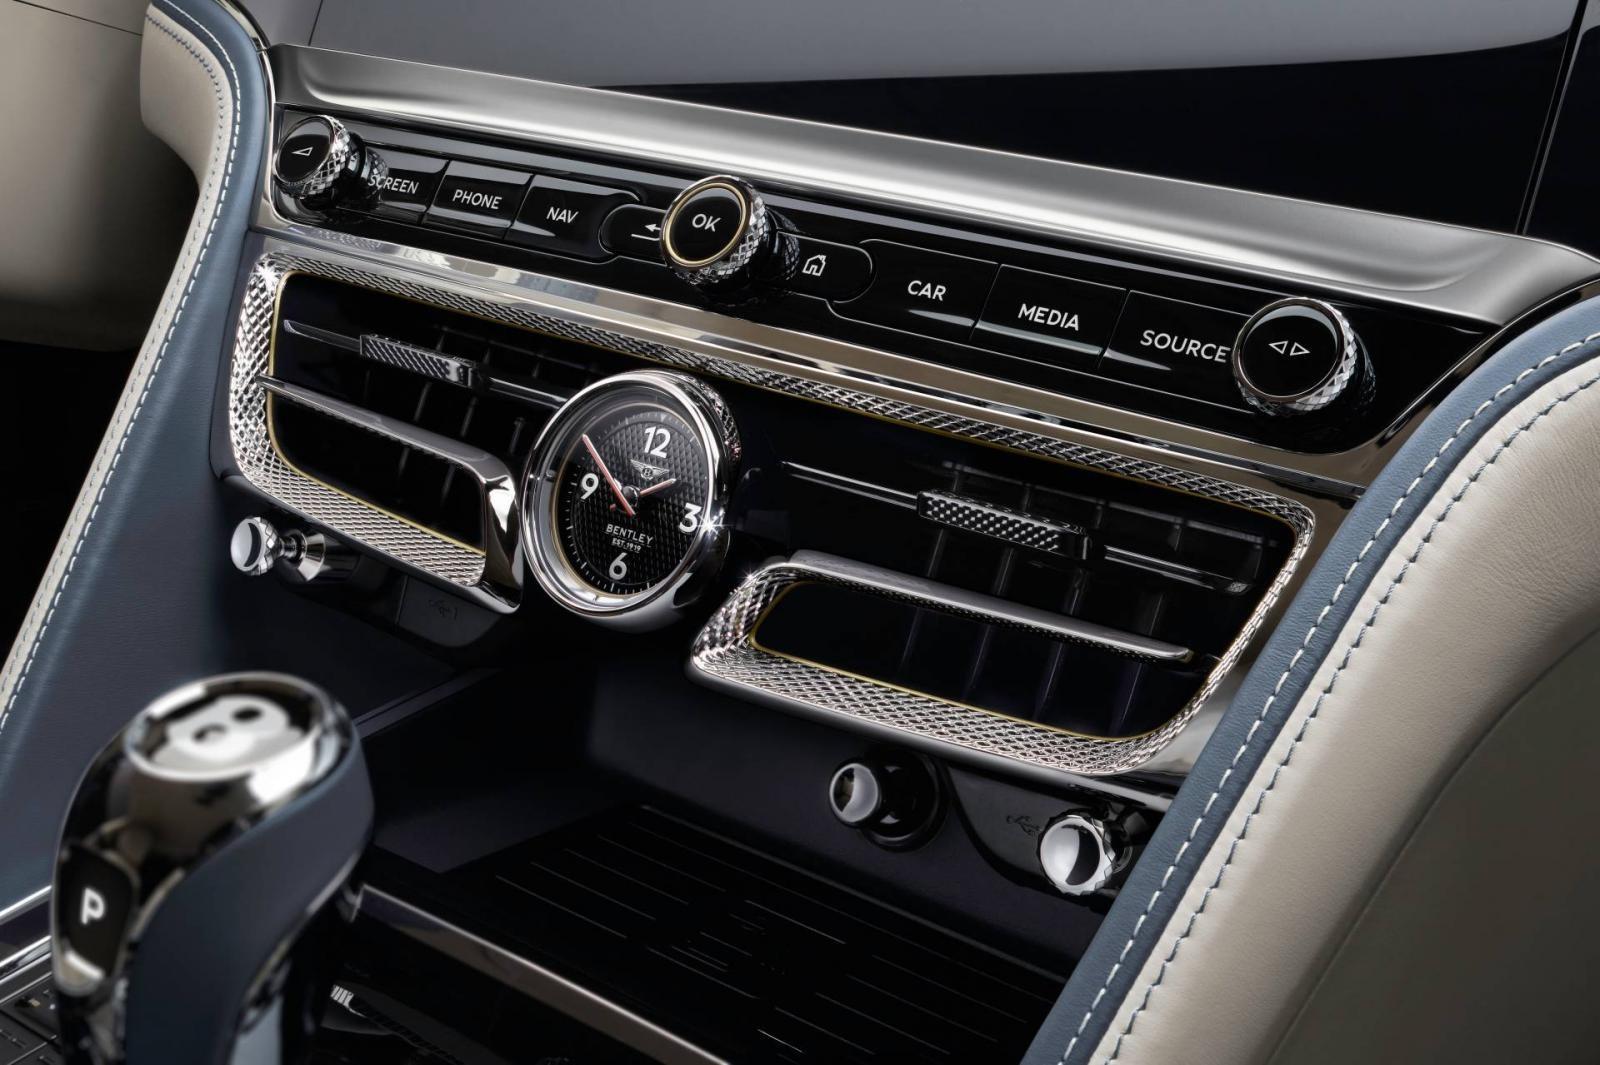 Cửa gió điều hòa trung tâm của Bentley Flying Spur 2020 không còn thiết kế tròn trịa như trước